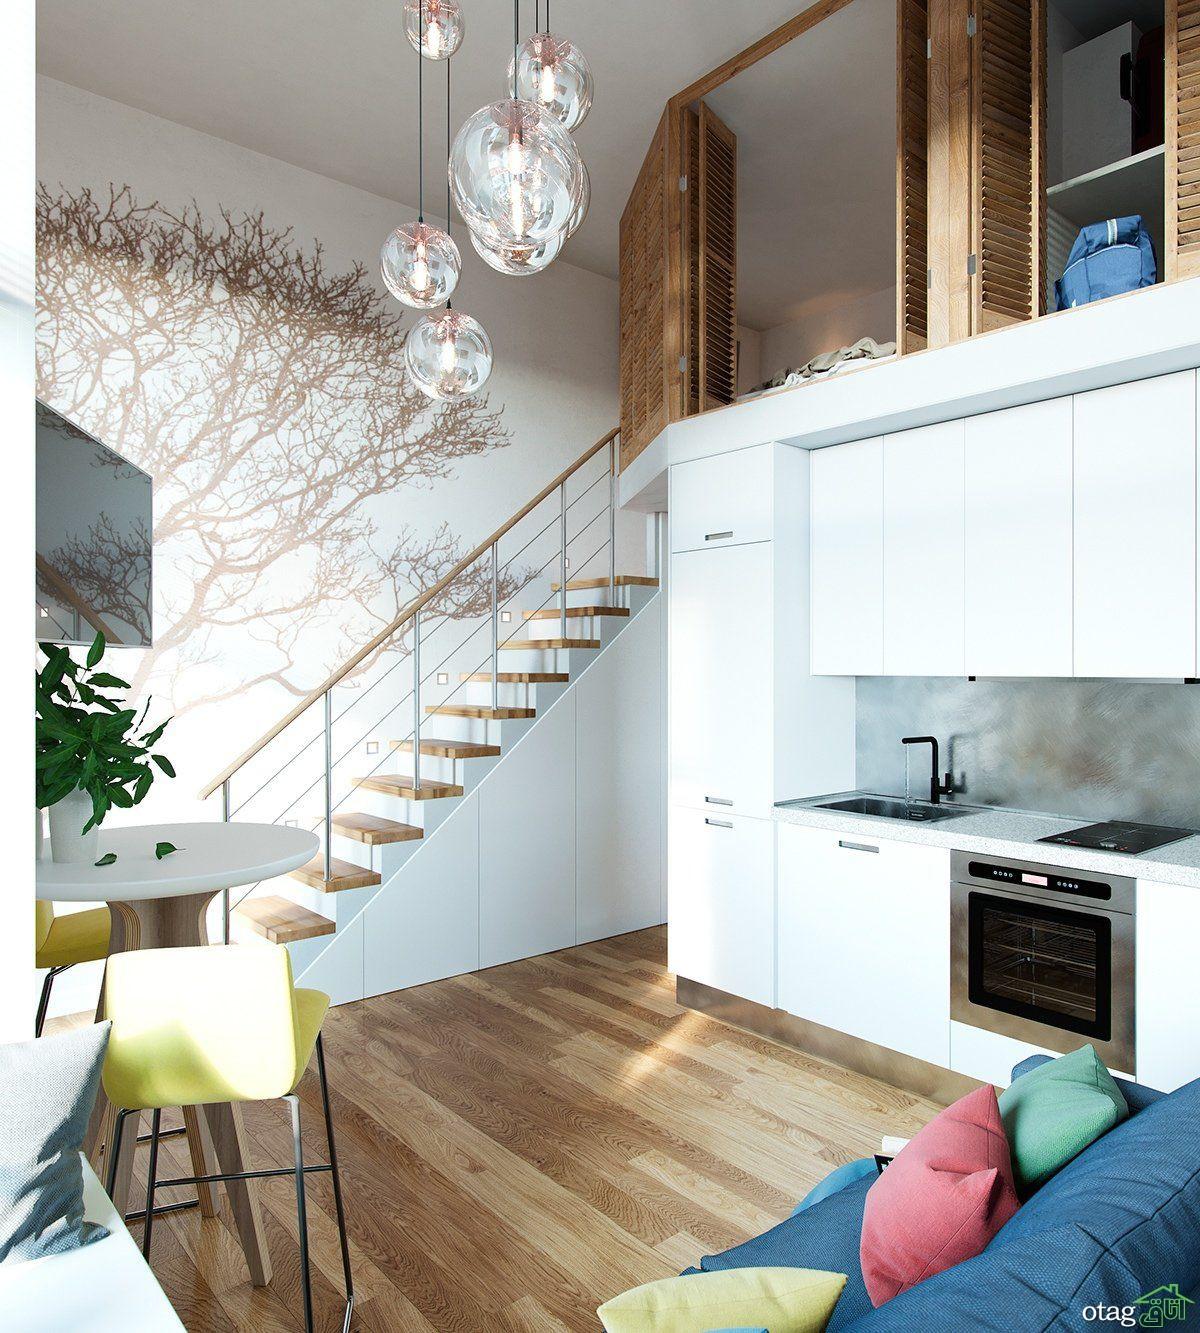 افزایش سقف خانه؛ افزایش احساس آزادی